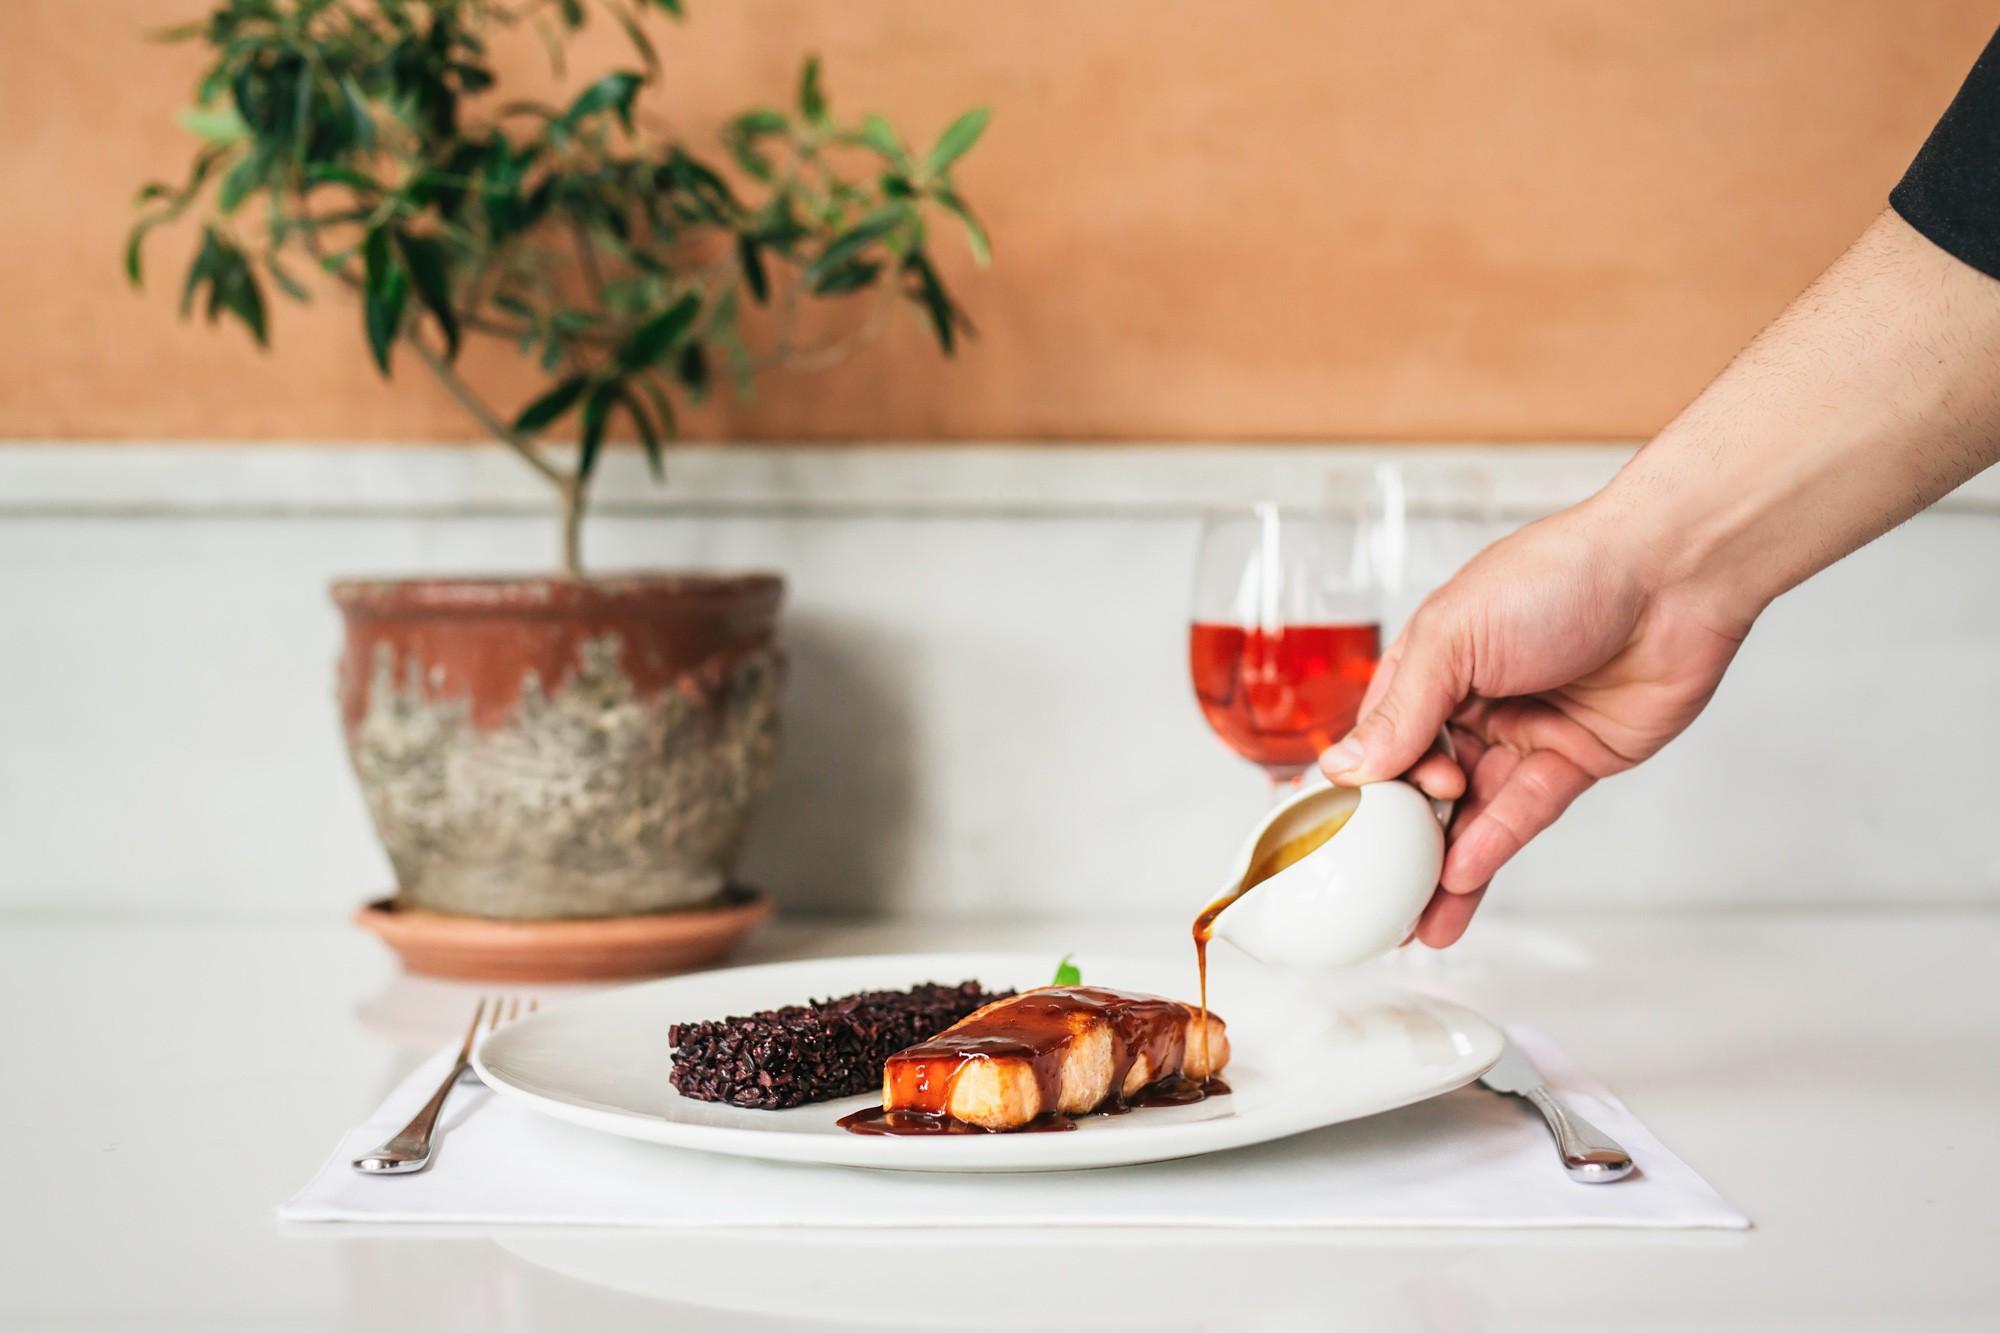 Επαγγελματική Φωτογράφιση Πιάτων | Επαγγελματική Φωτογράφιση Εστιατορίων